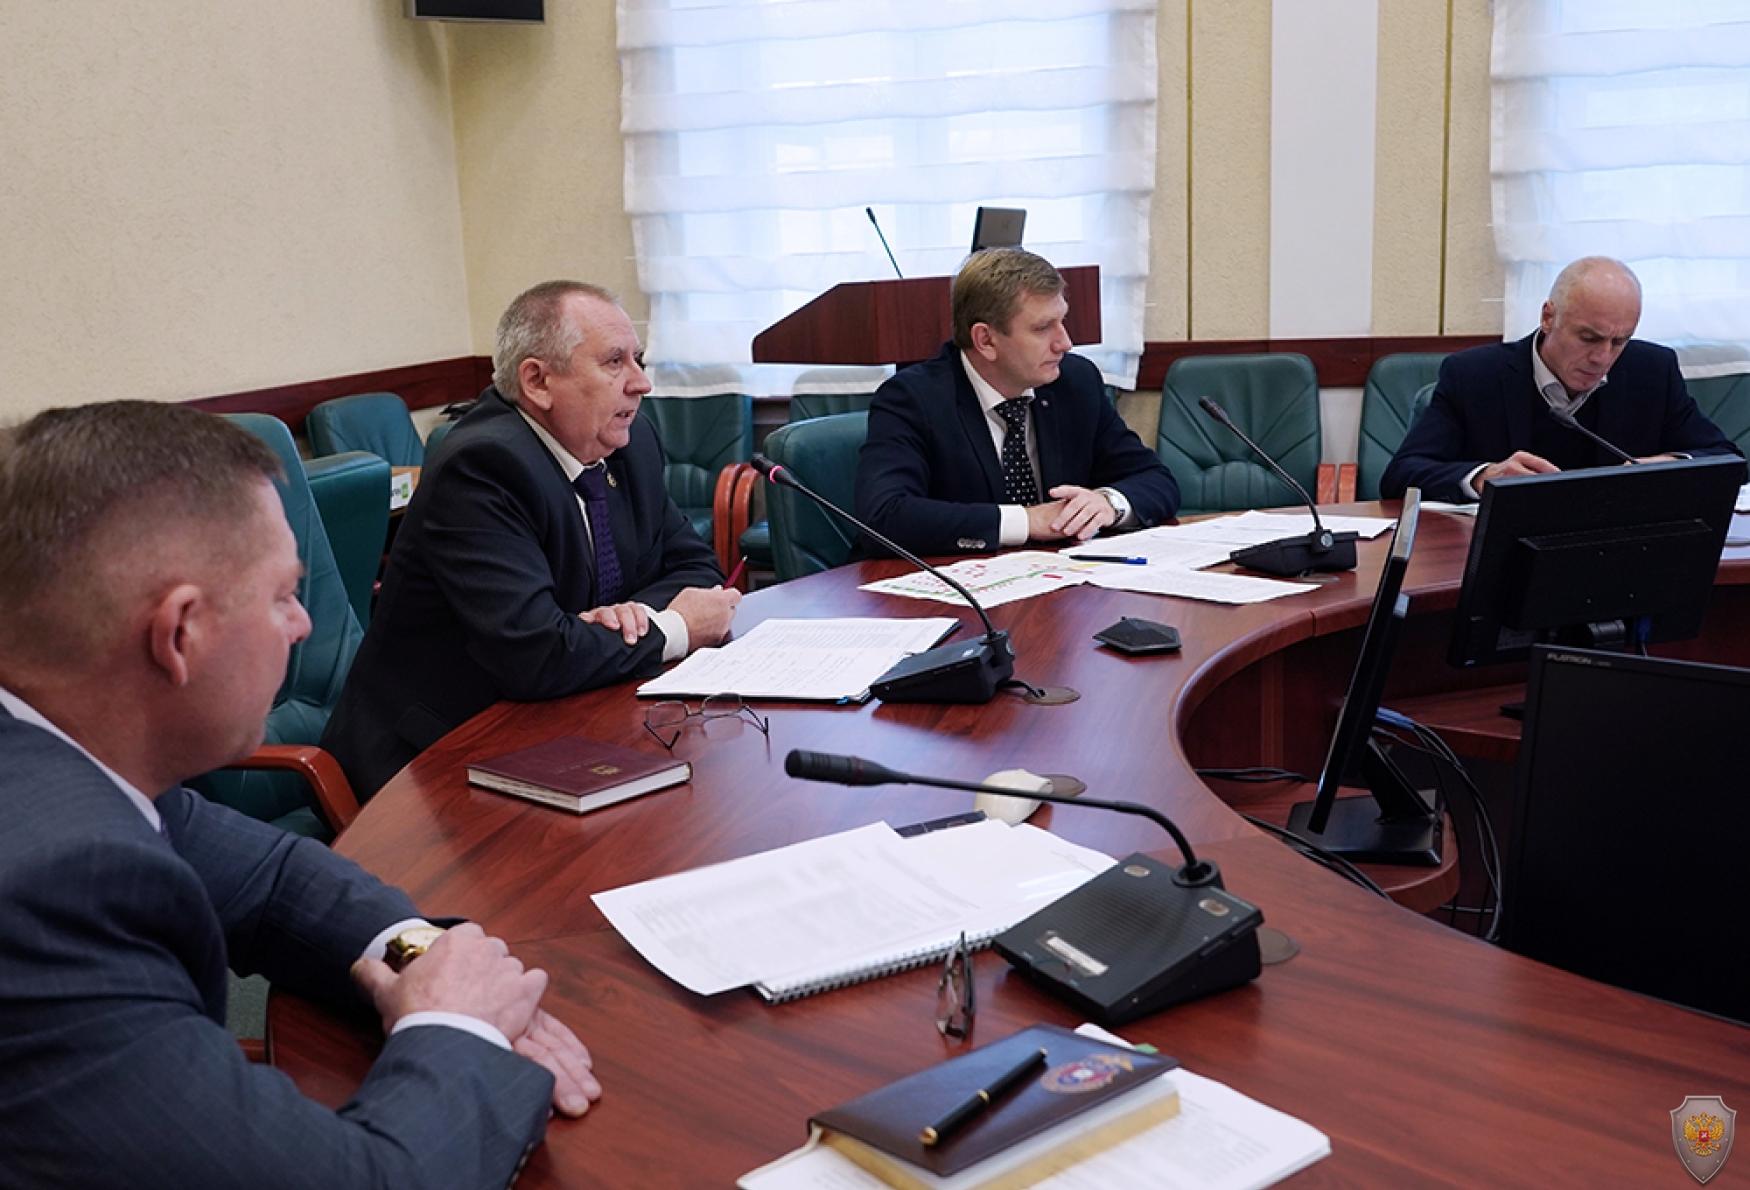 Руководитель аппарата АТК в Калининградской области А.А. Толстов проводит учебно-методический сбор с секретарями муниципальных антитеррористических комиссий